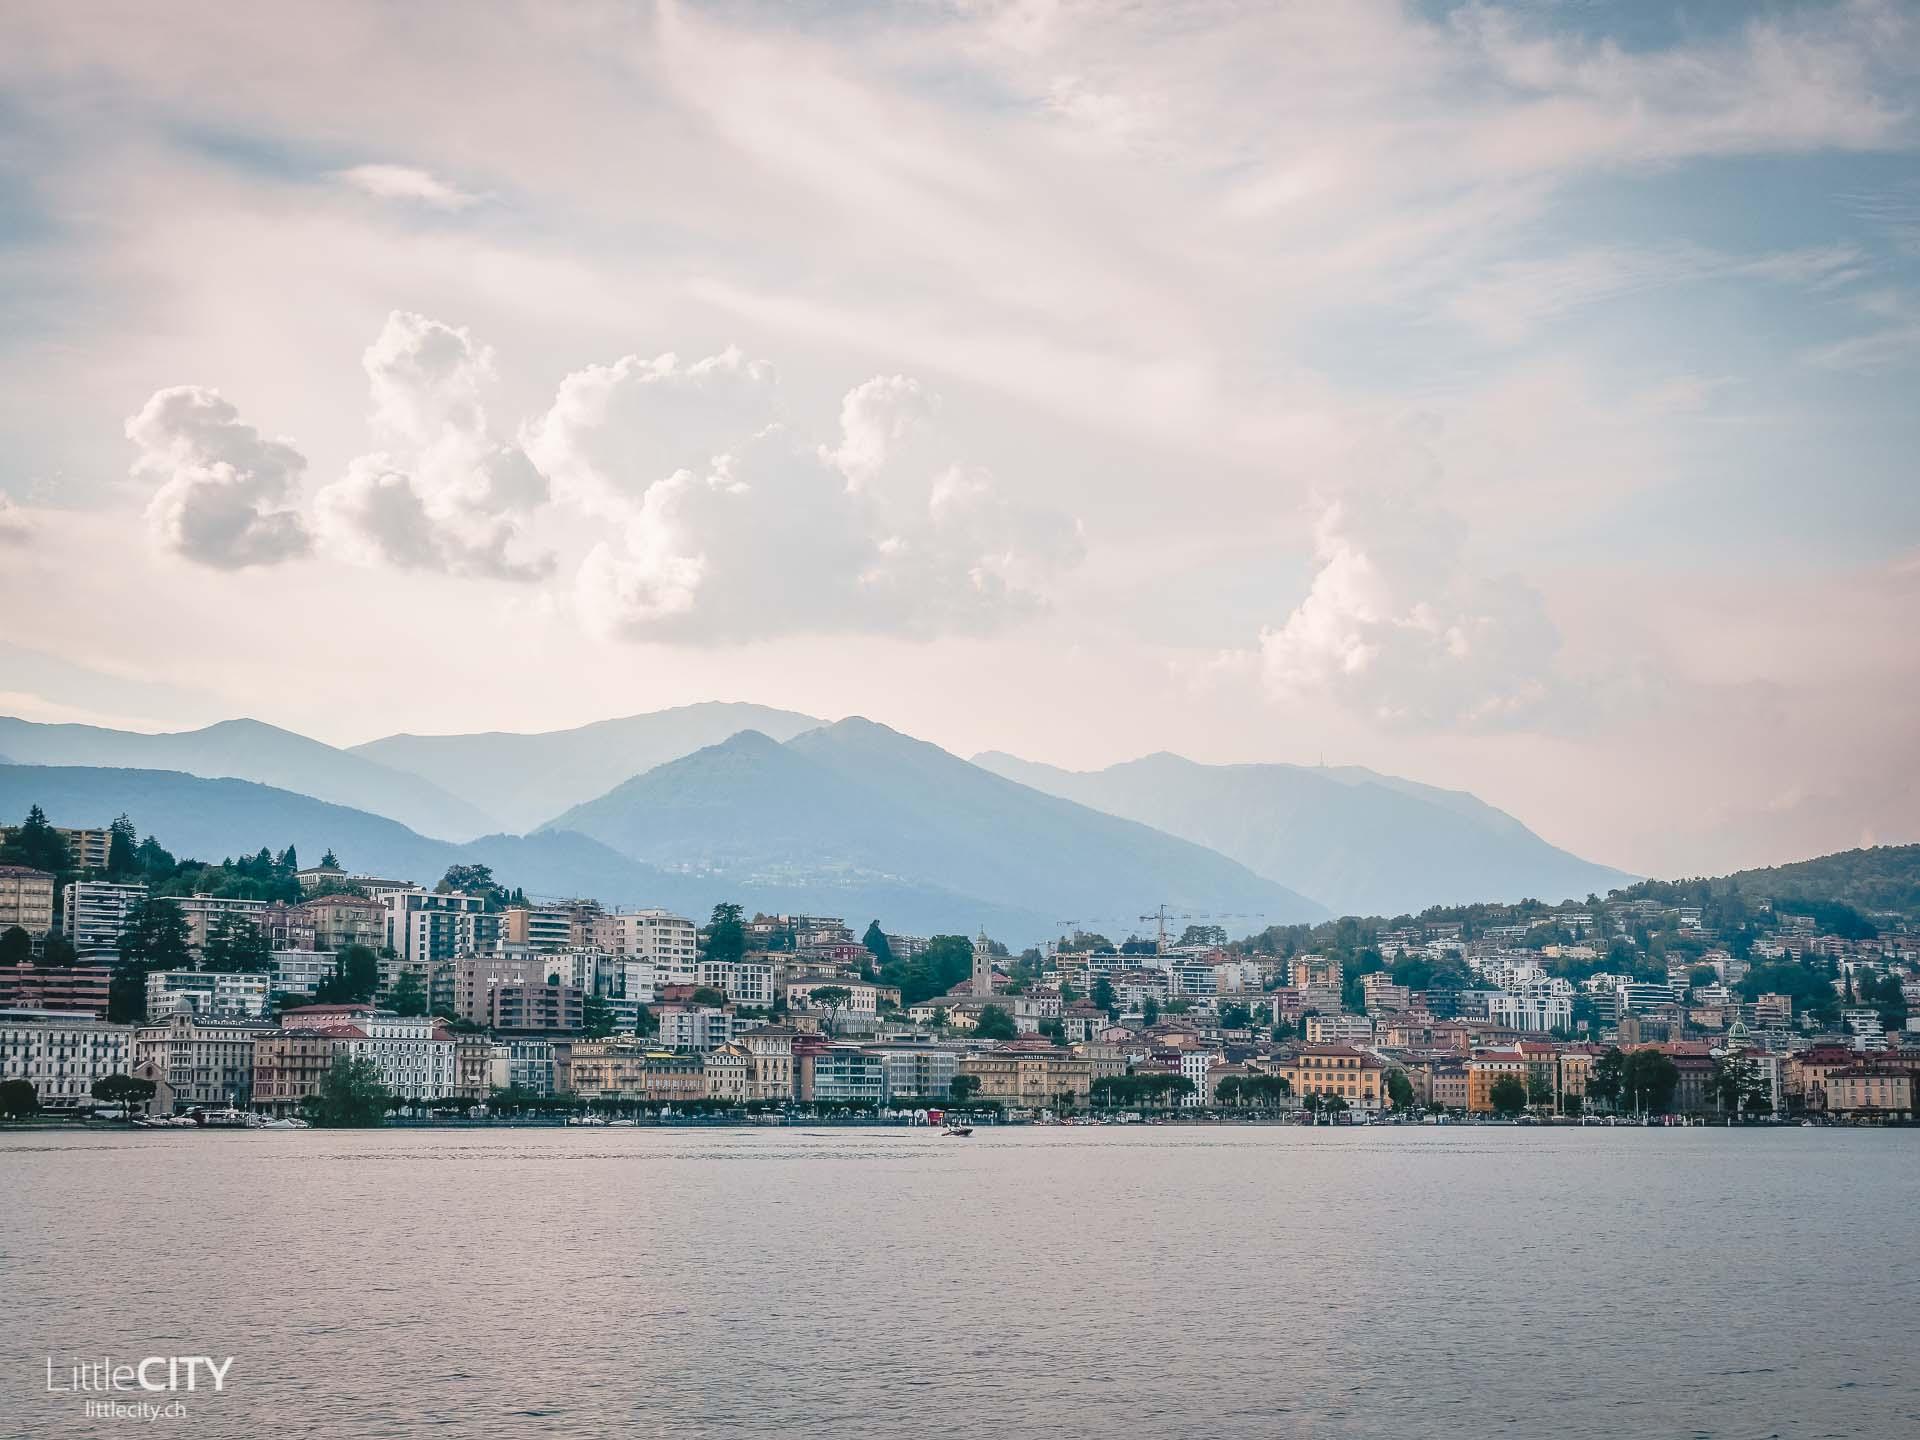 Lugano am Luganersee Sehenswürdigkeiten